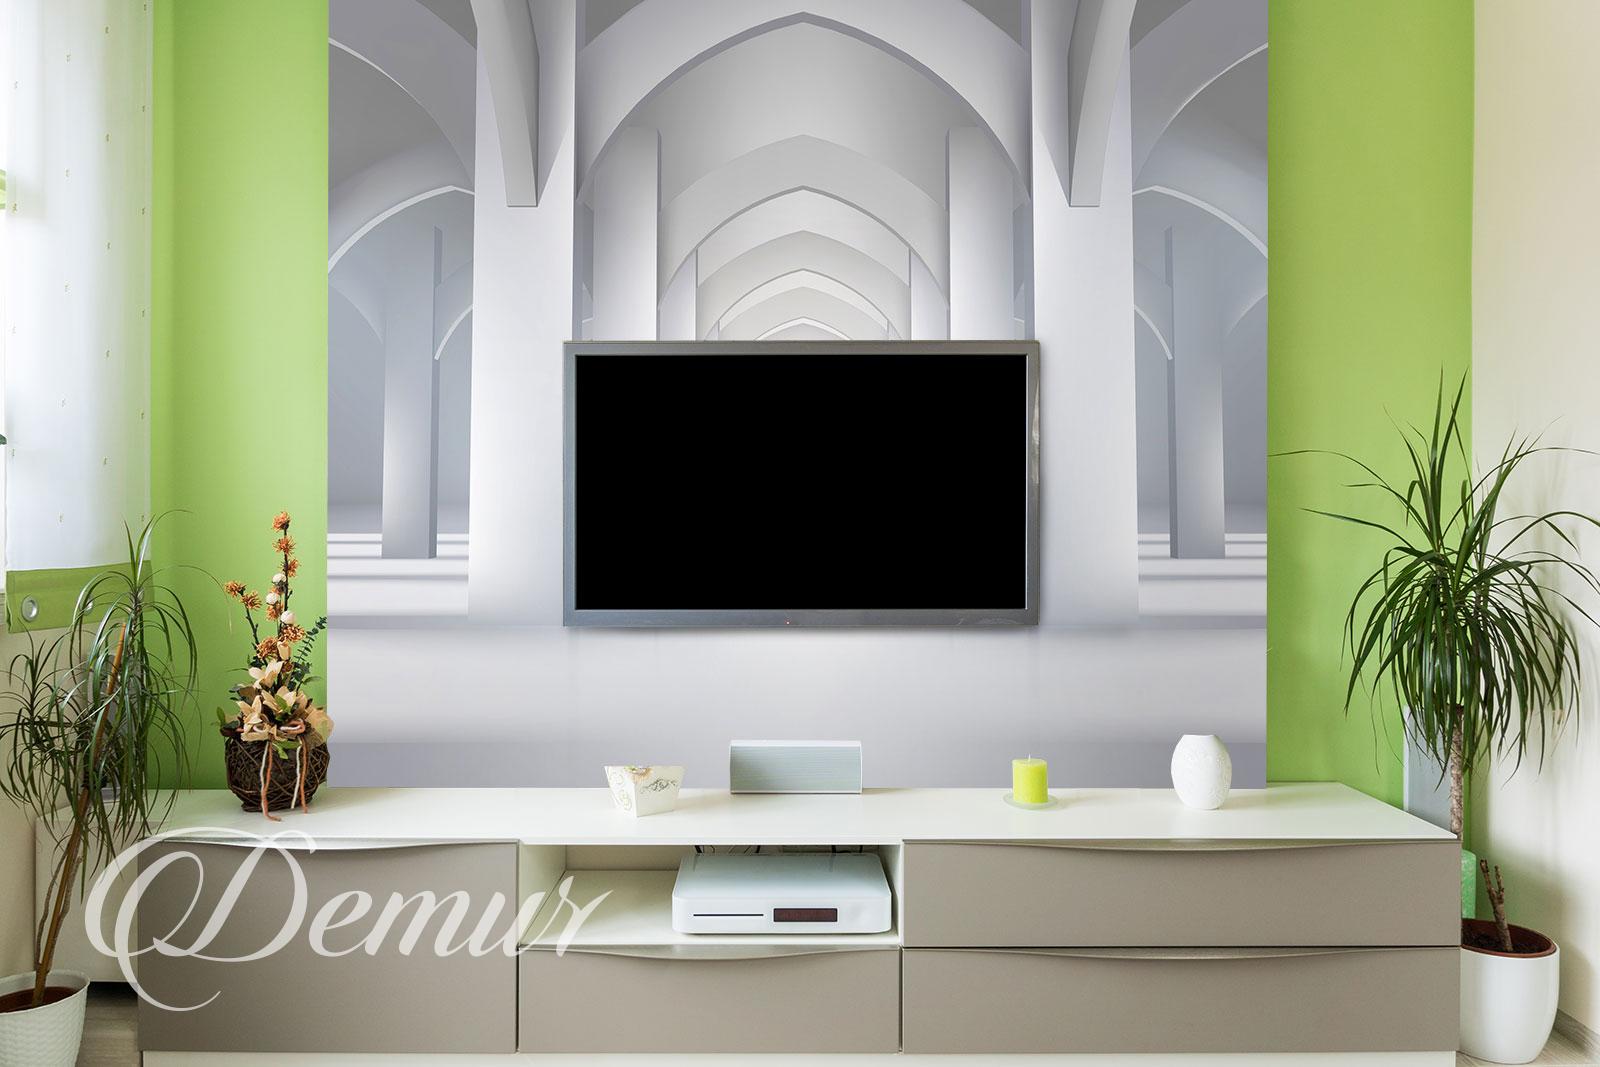 Fototapeta biały pałac - Pomysł na ścianę z telewizorem - Demur